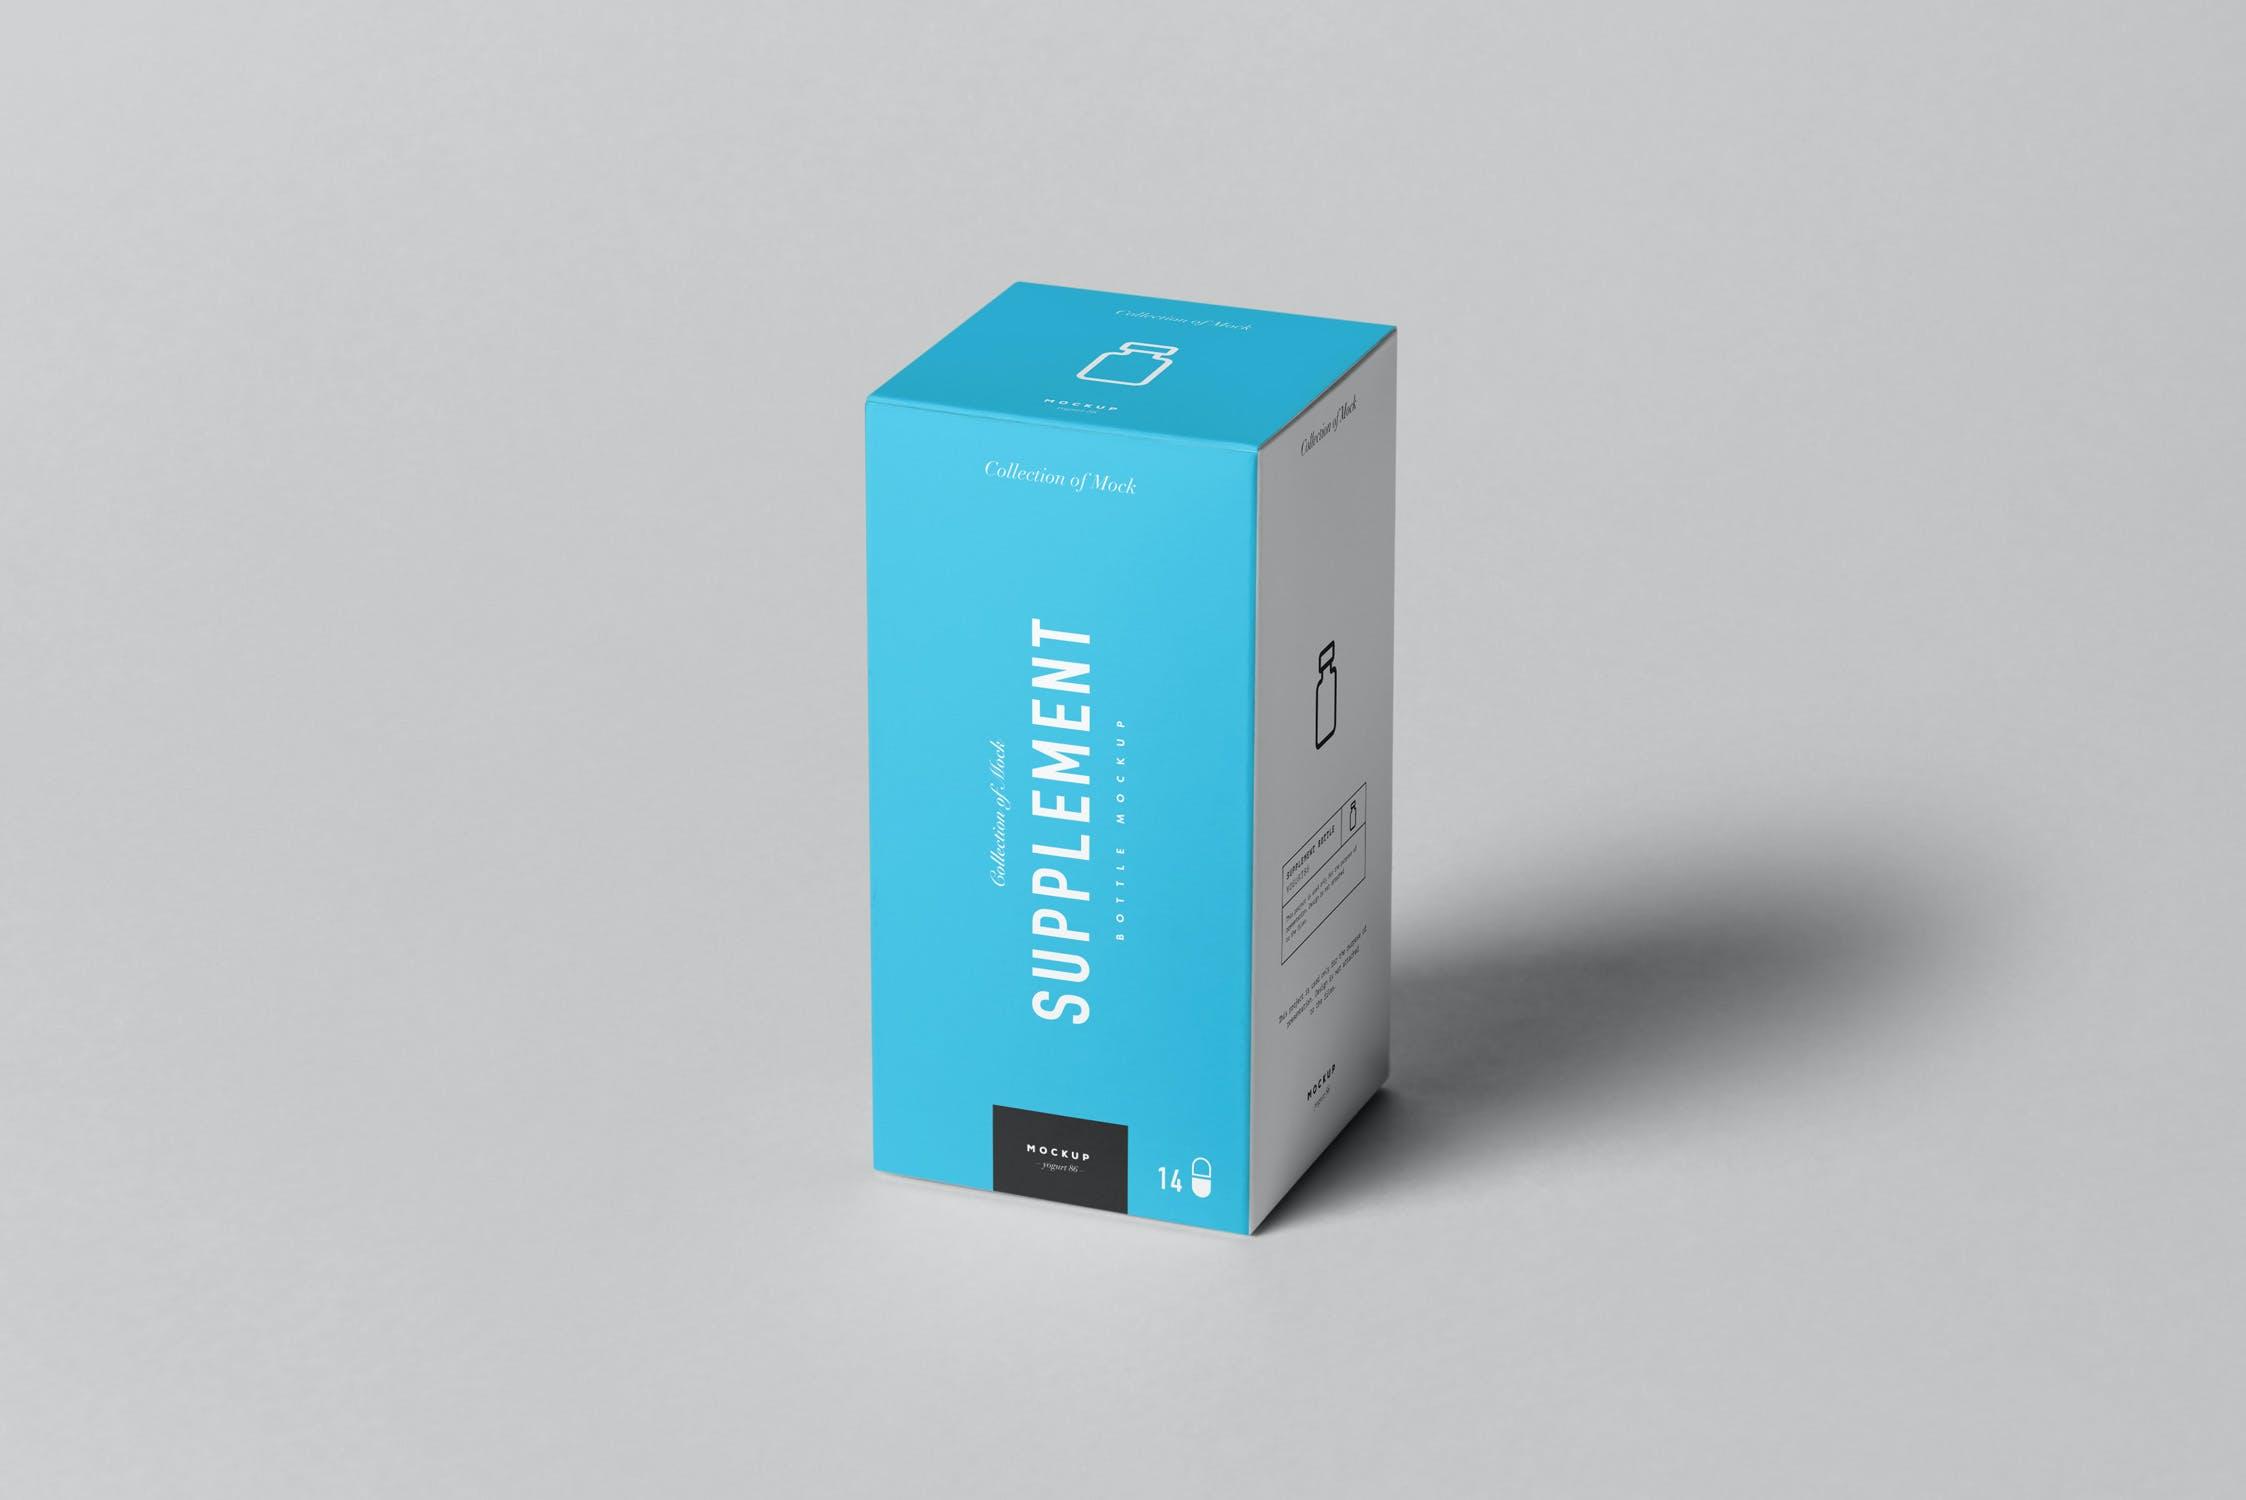 9款药物补充塑料瓶包装盒设计展示样机模板 Supplement Jar & Box Mockup 9插图(3)